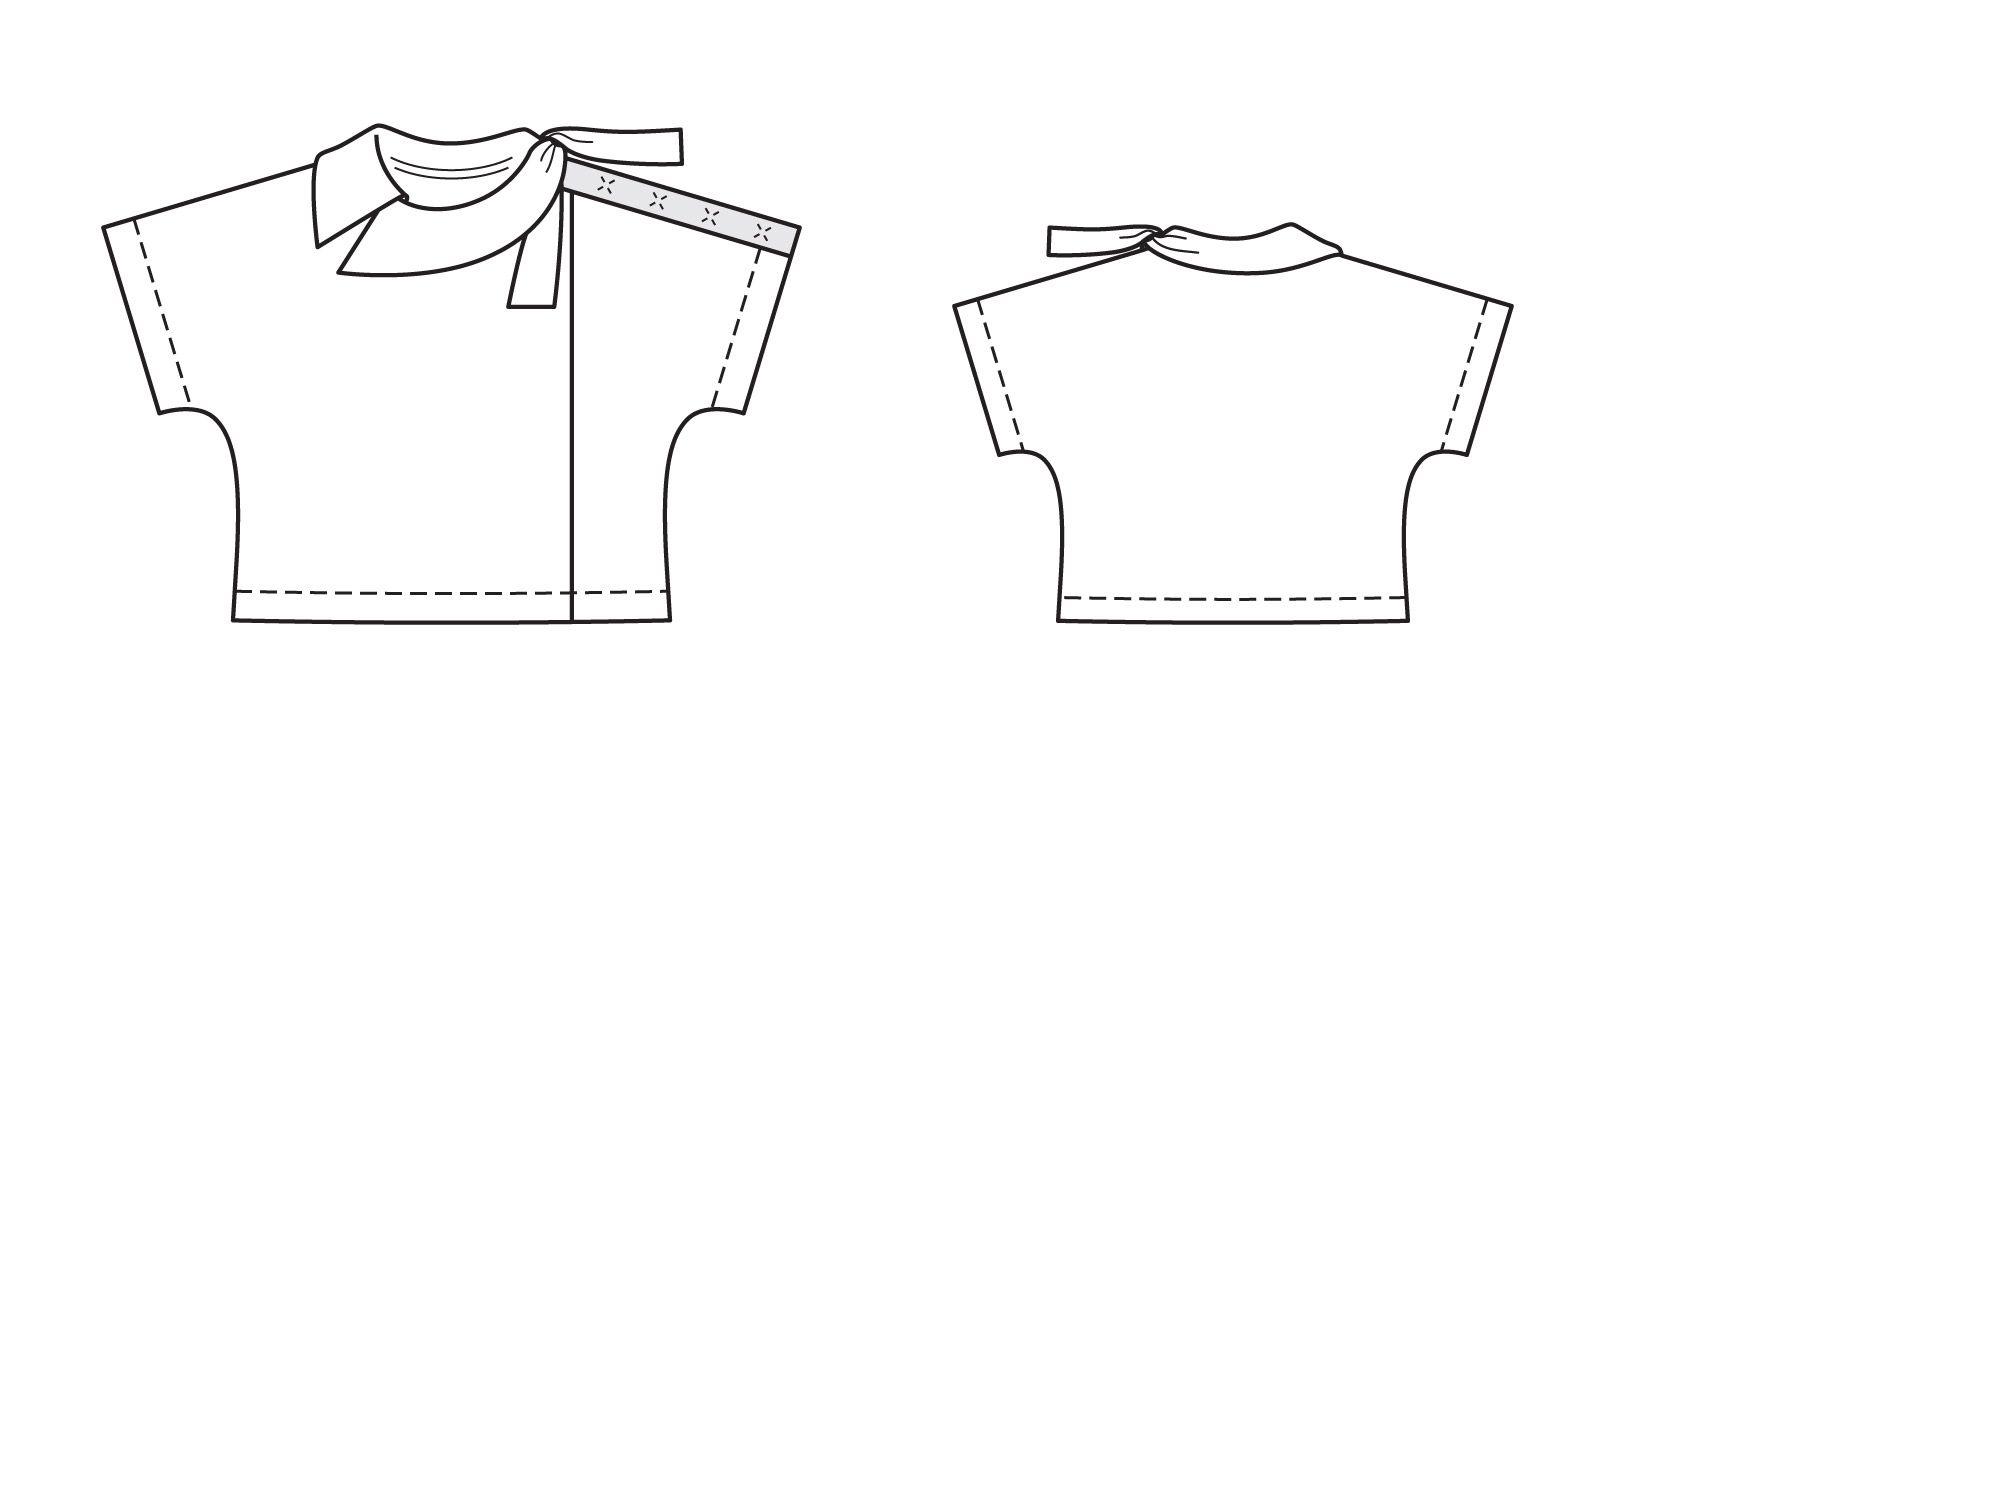 a71929f00aa Блузка с цельнокроеными рукавами - выкройка № 106 В из журнала 6 2015 Burda  – выкройки блузок на Burdastyle.ru